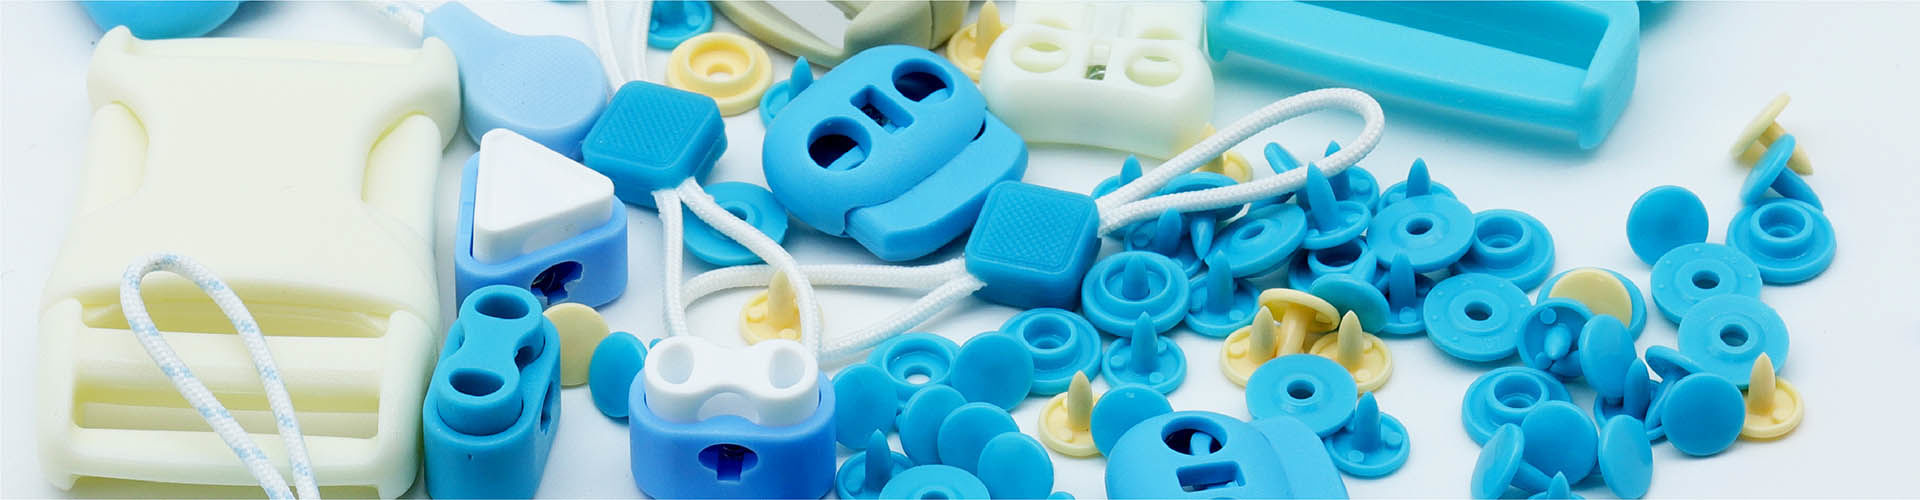 Plastic series